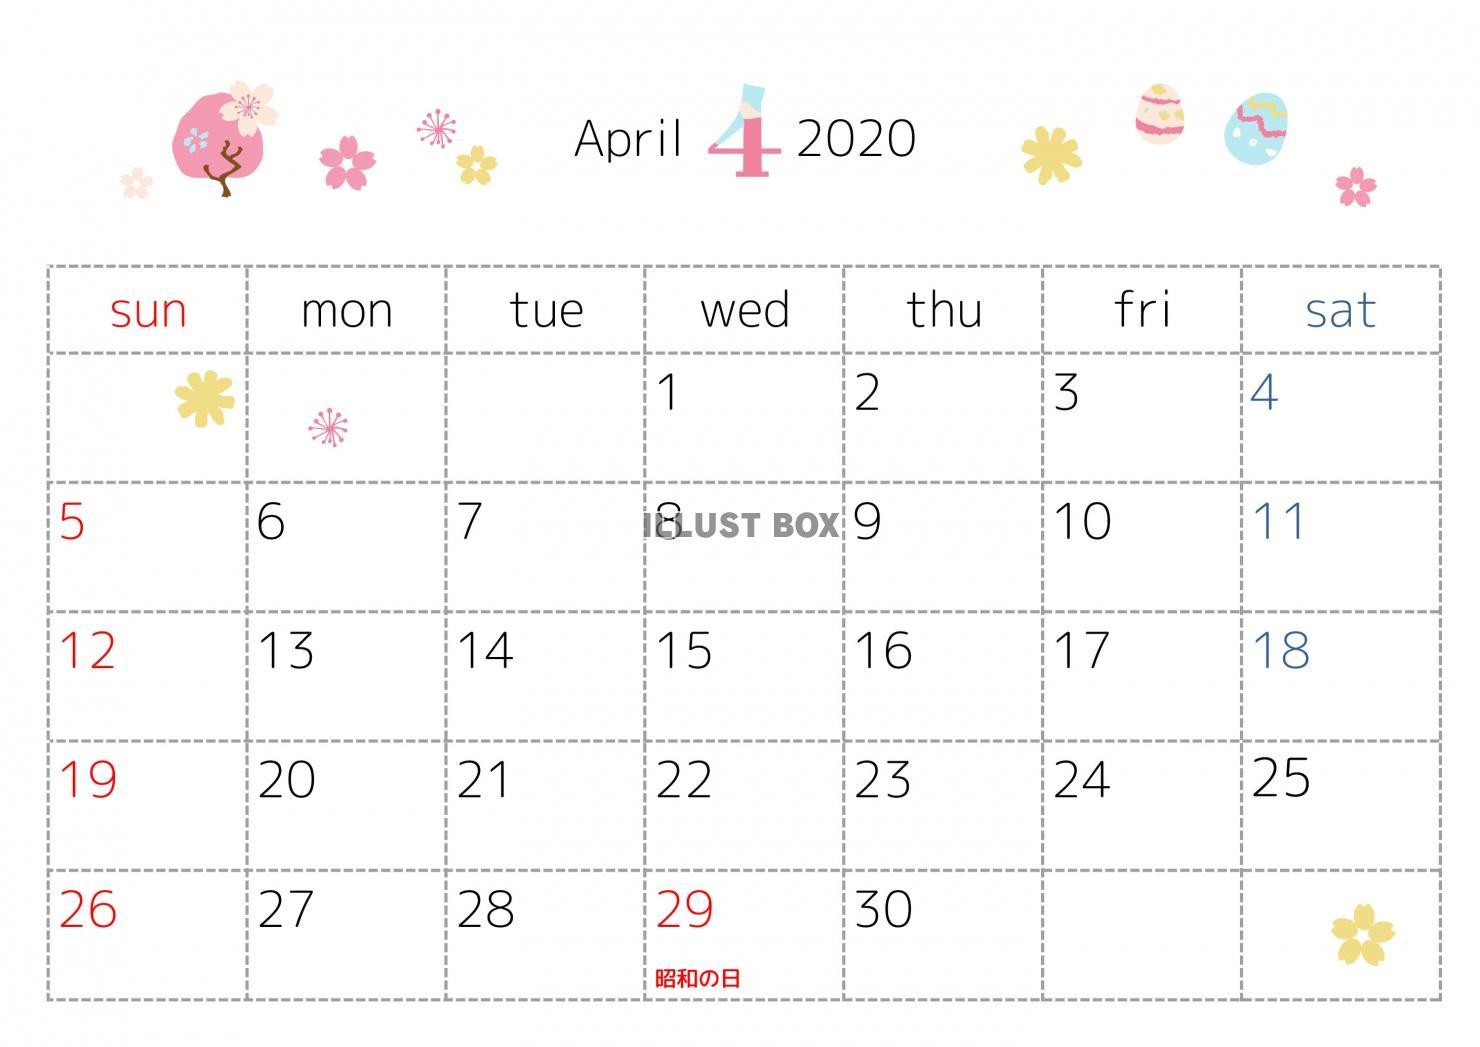 無料イラスト 2020年4月カレンダー 季節のイラスト